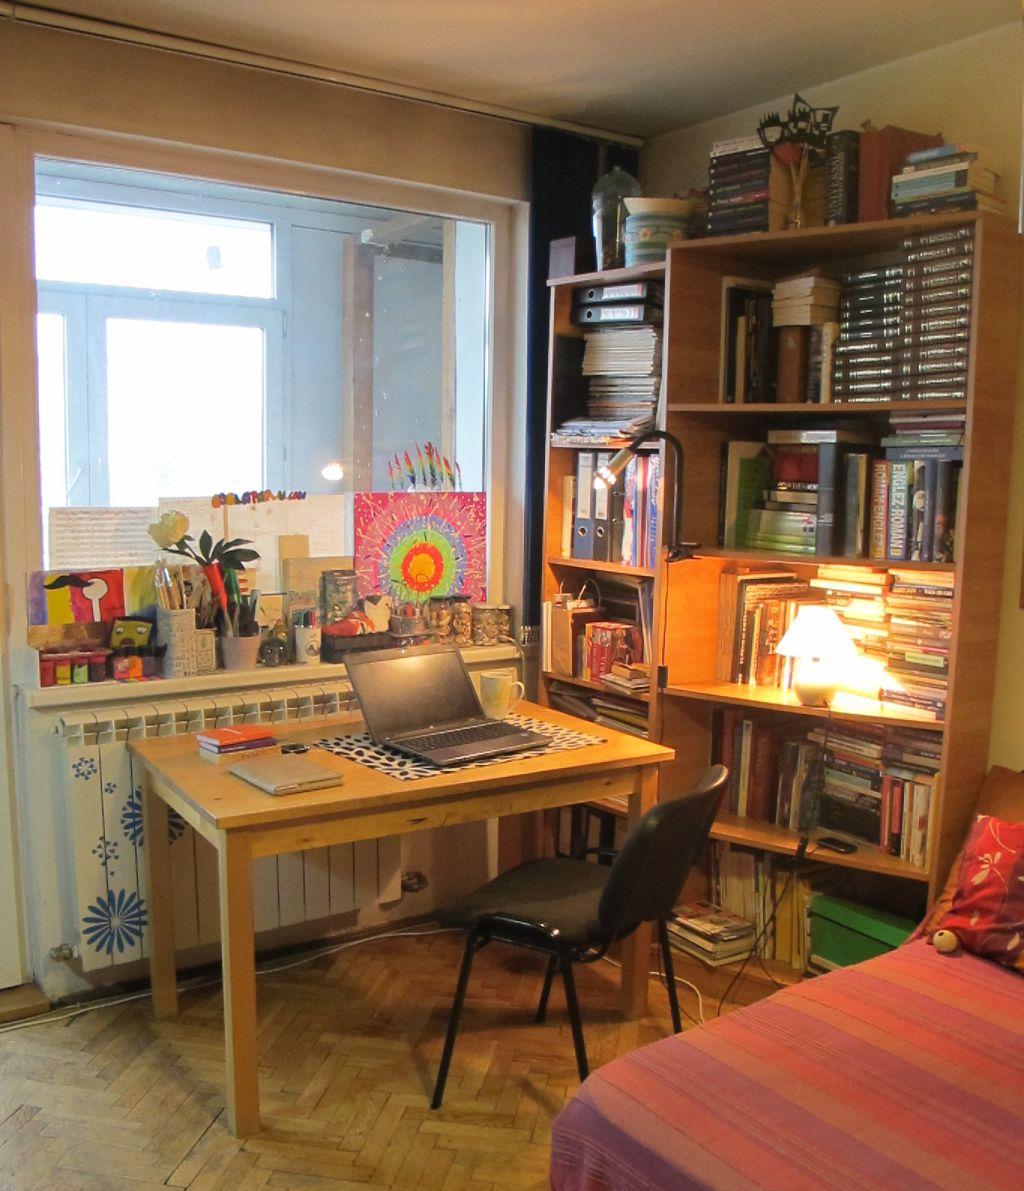 Masa din sufragerie poate fi repede transformata in loc de birou daca lucrez la laptop.